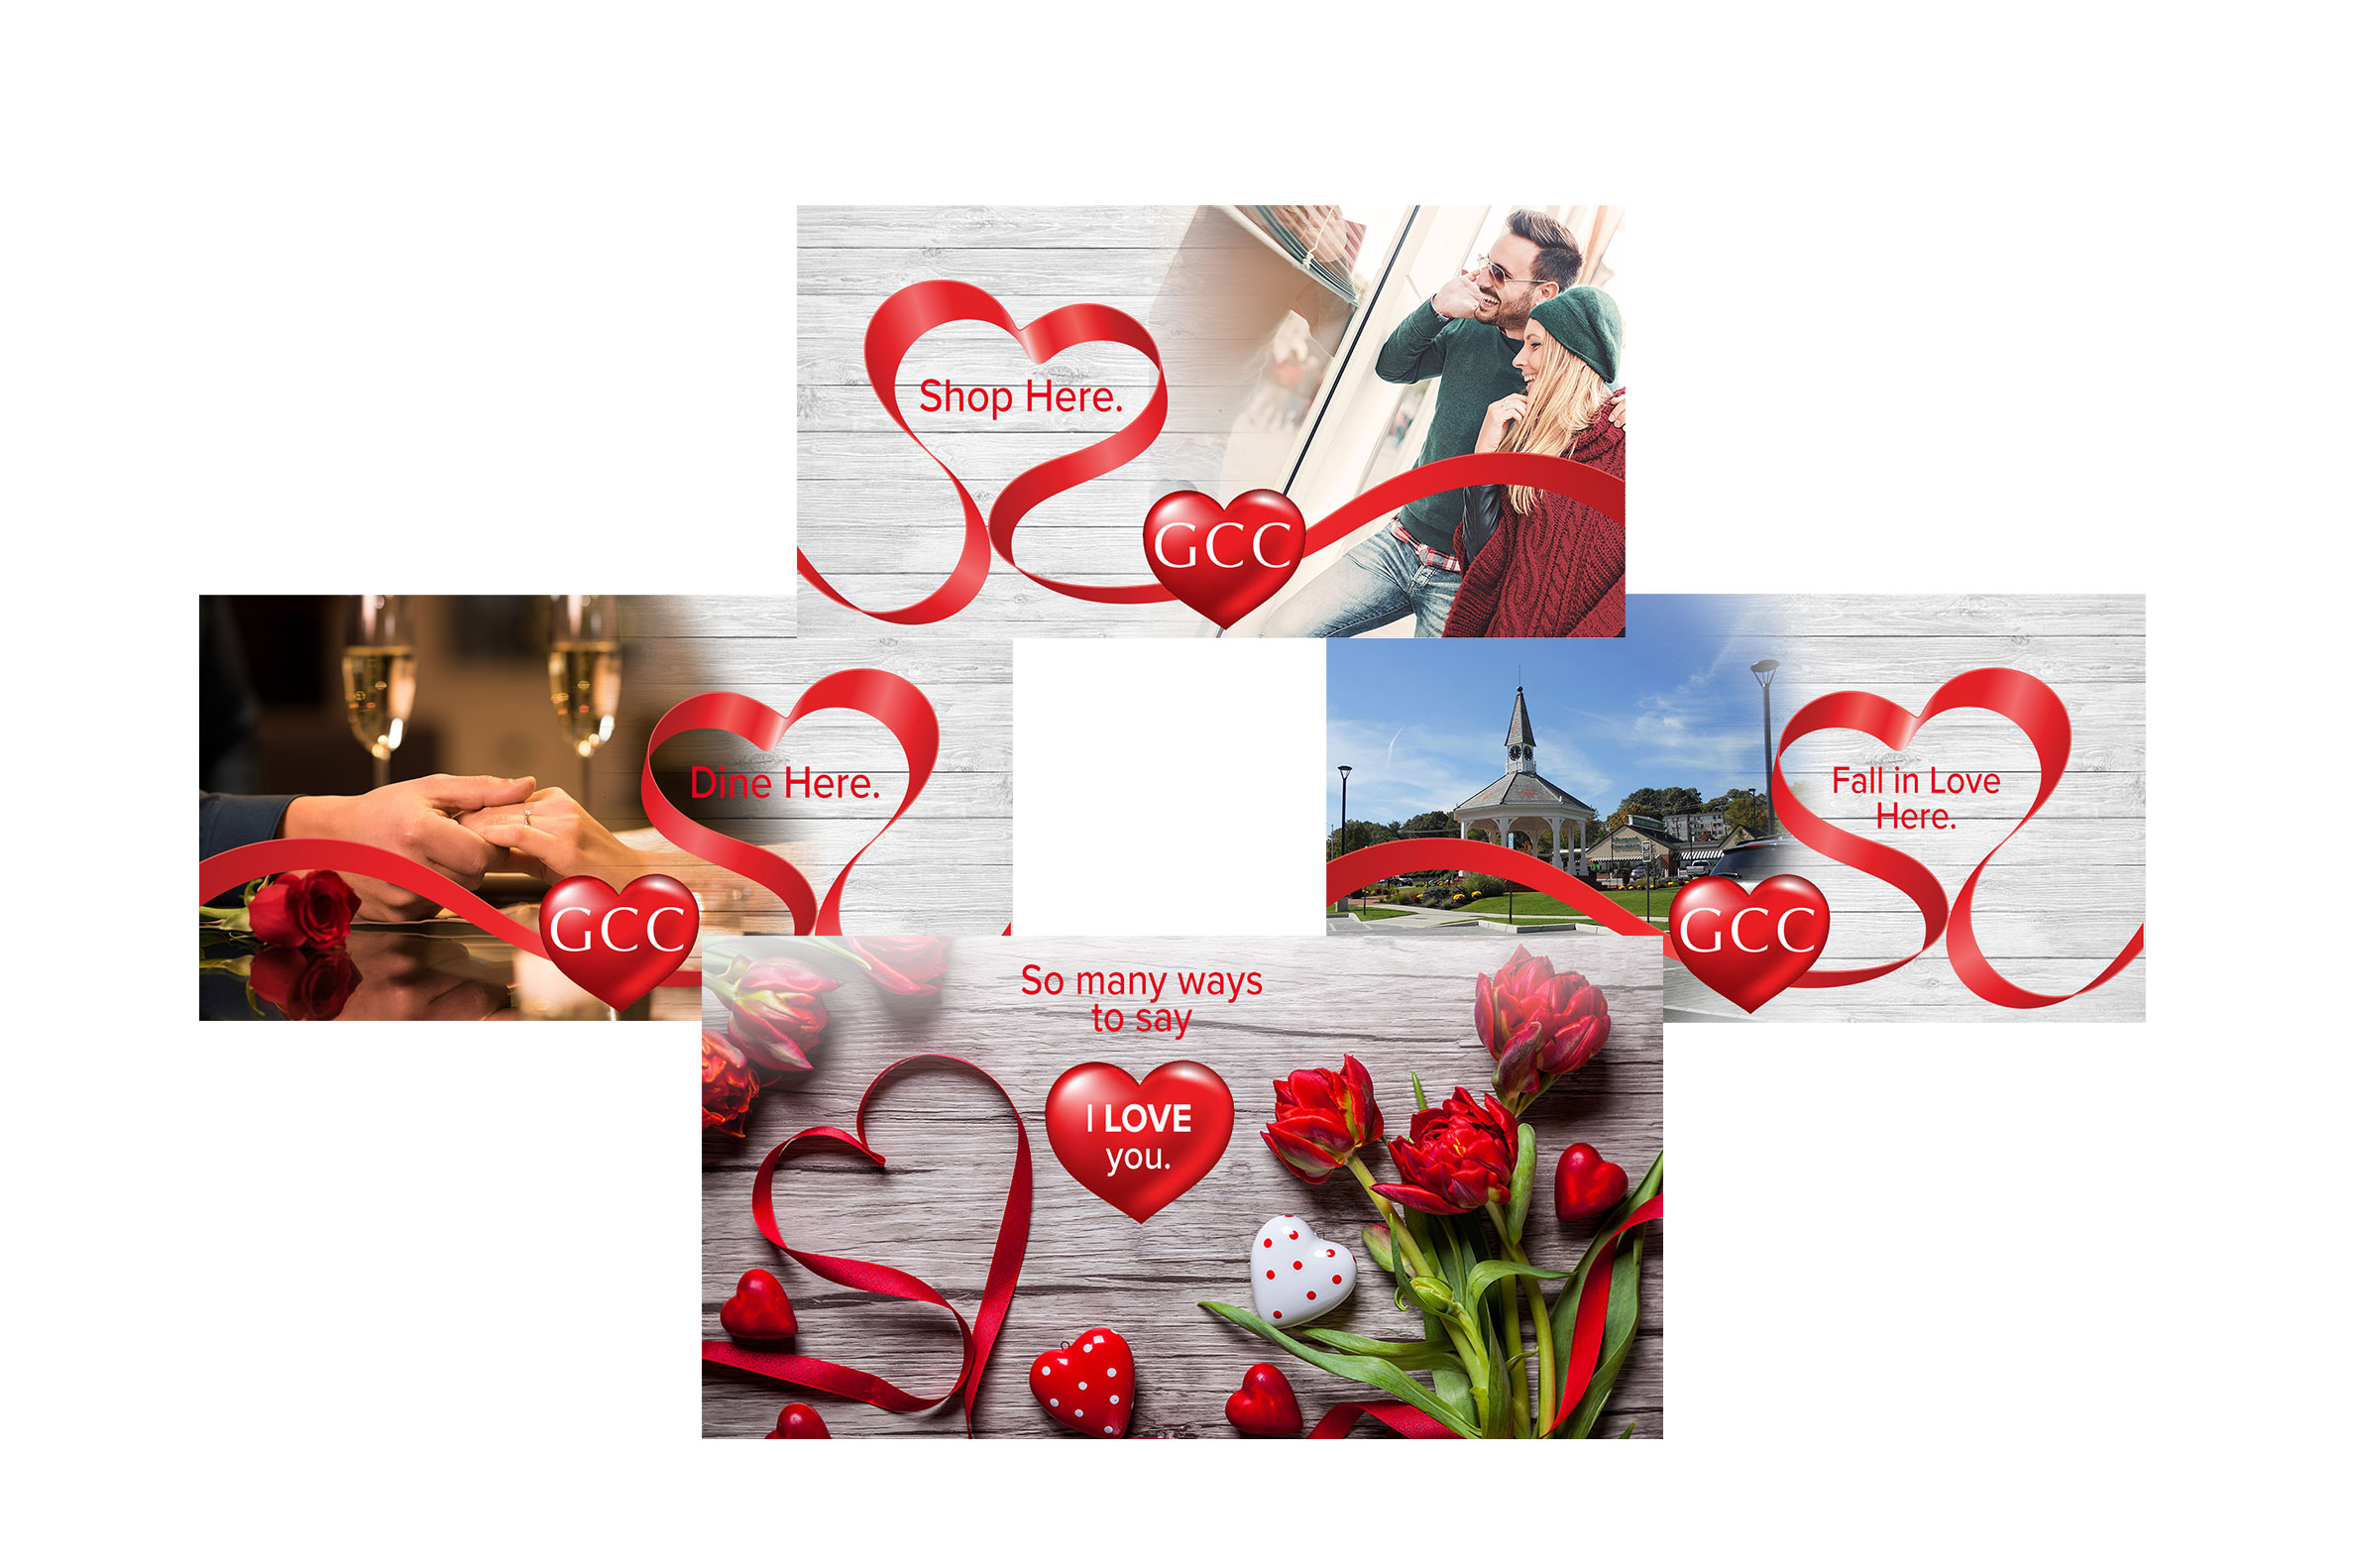 Garden City Center Facebook Carousel Ads